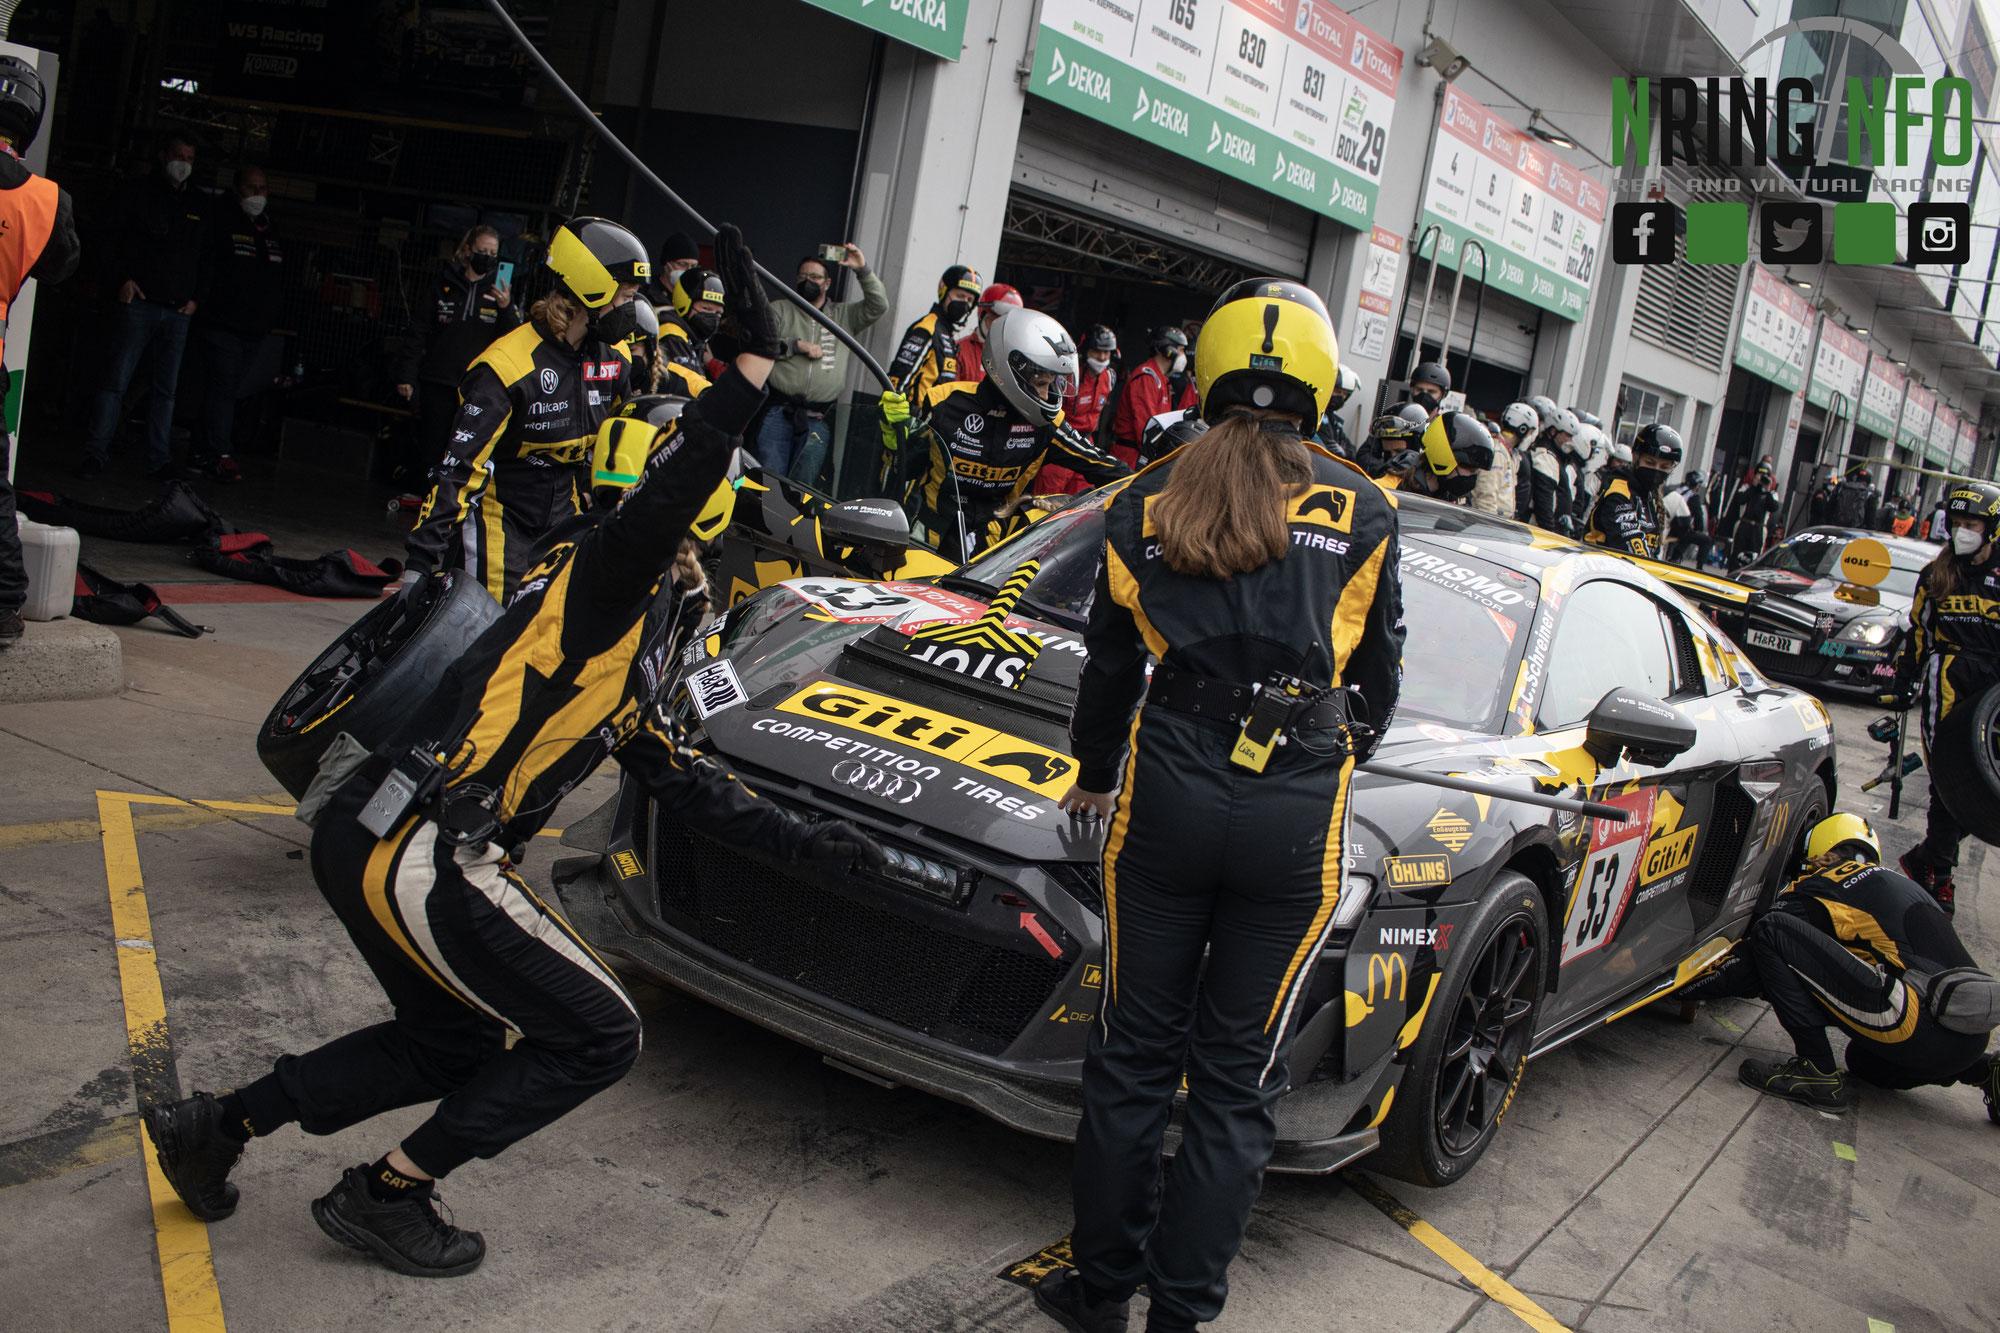 """Grandioser Klassensieg für """"Girls Only"""", aber auch bittere Momente für Giti Tire Motorsport by WS Racing beim 24h-Rennen auf dem Nürbur"""